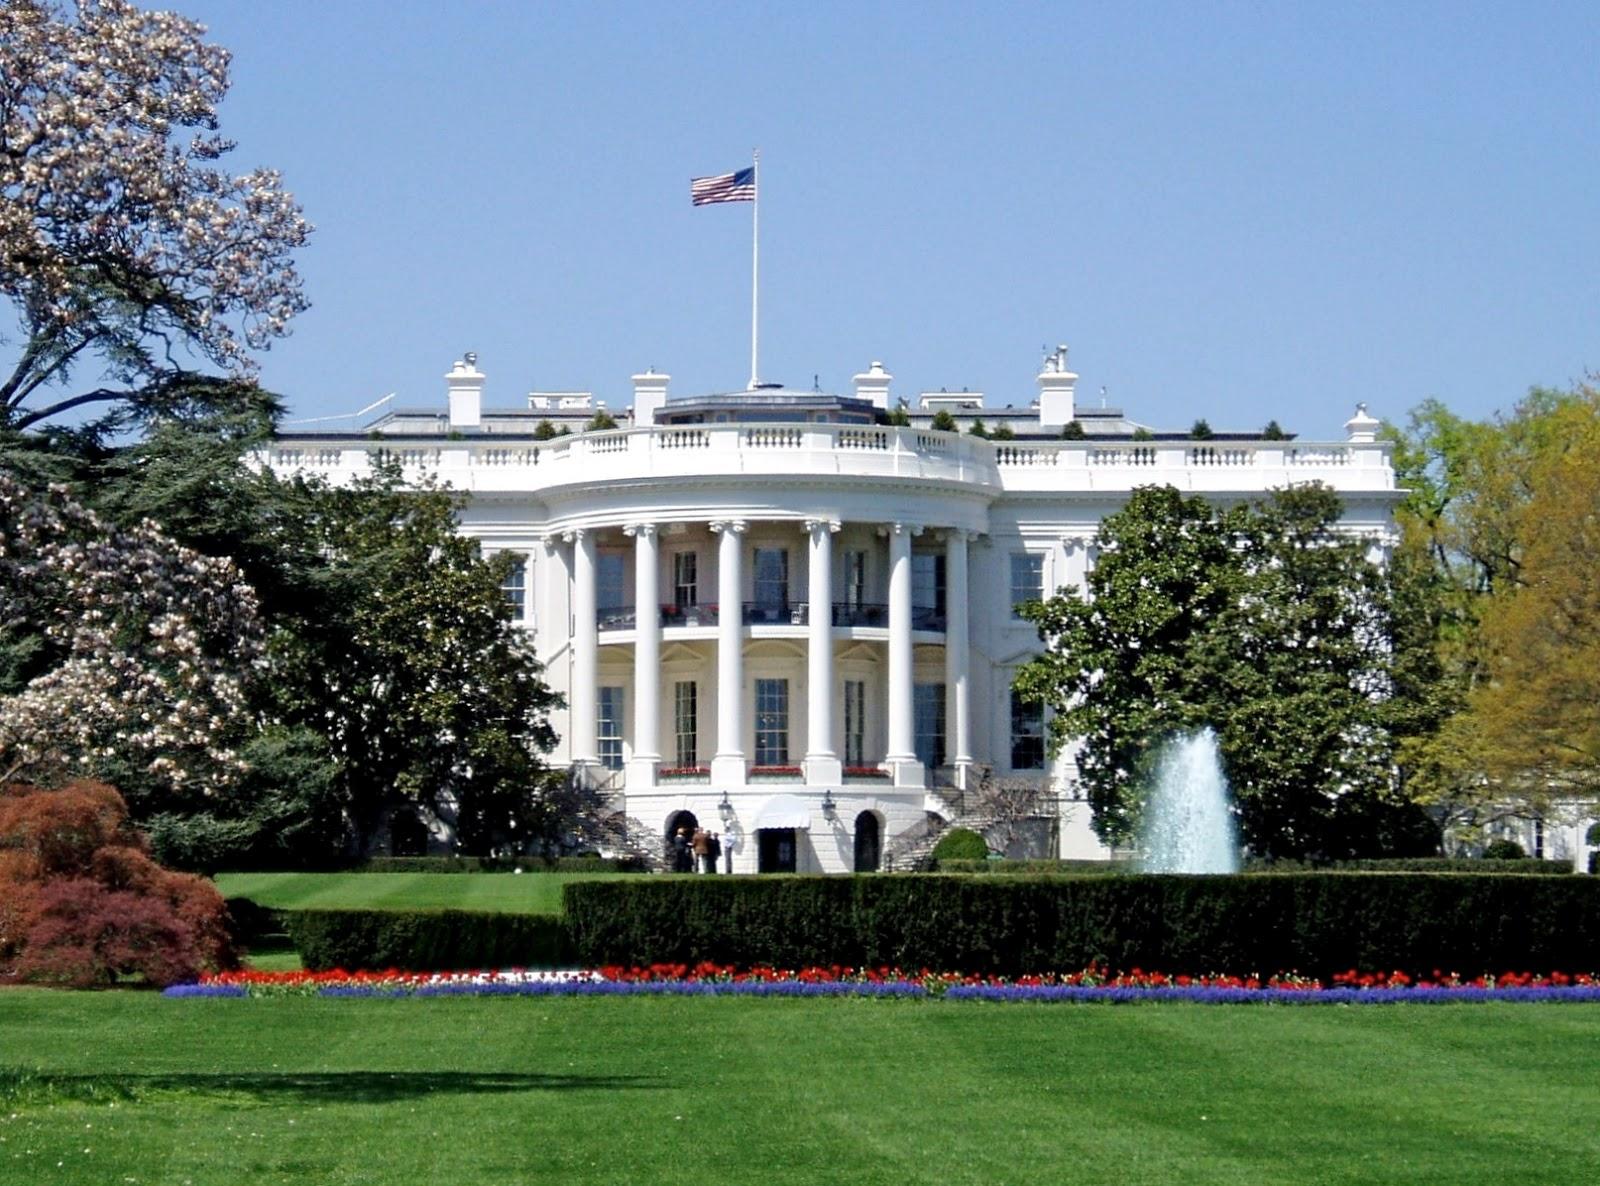 White house pictures free stock photos free stock photos for Free house photos